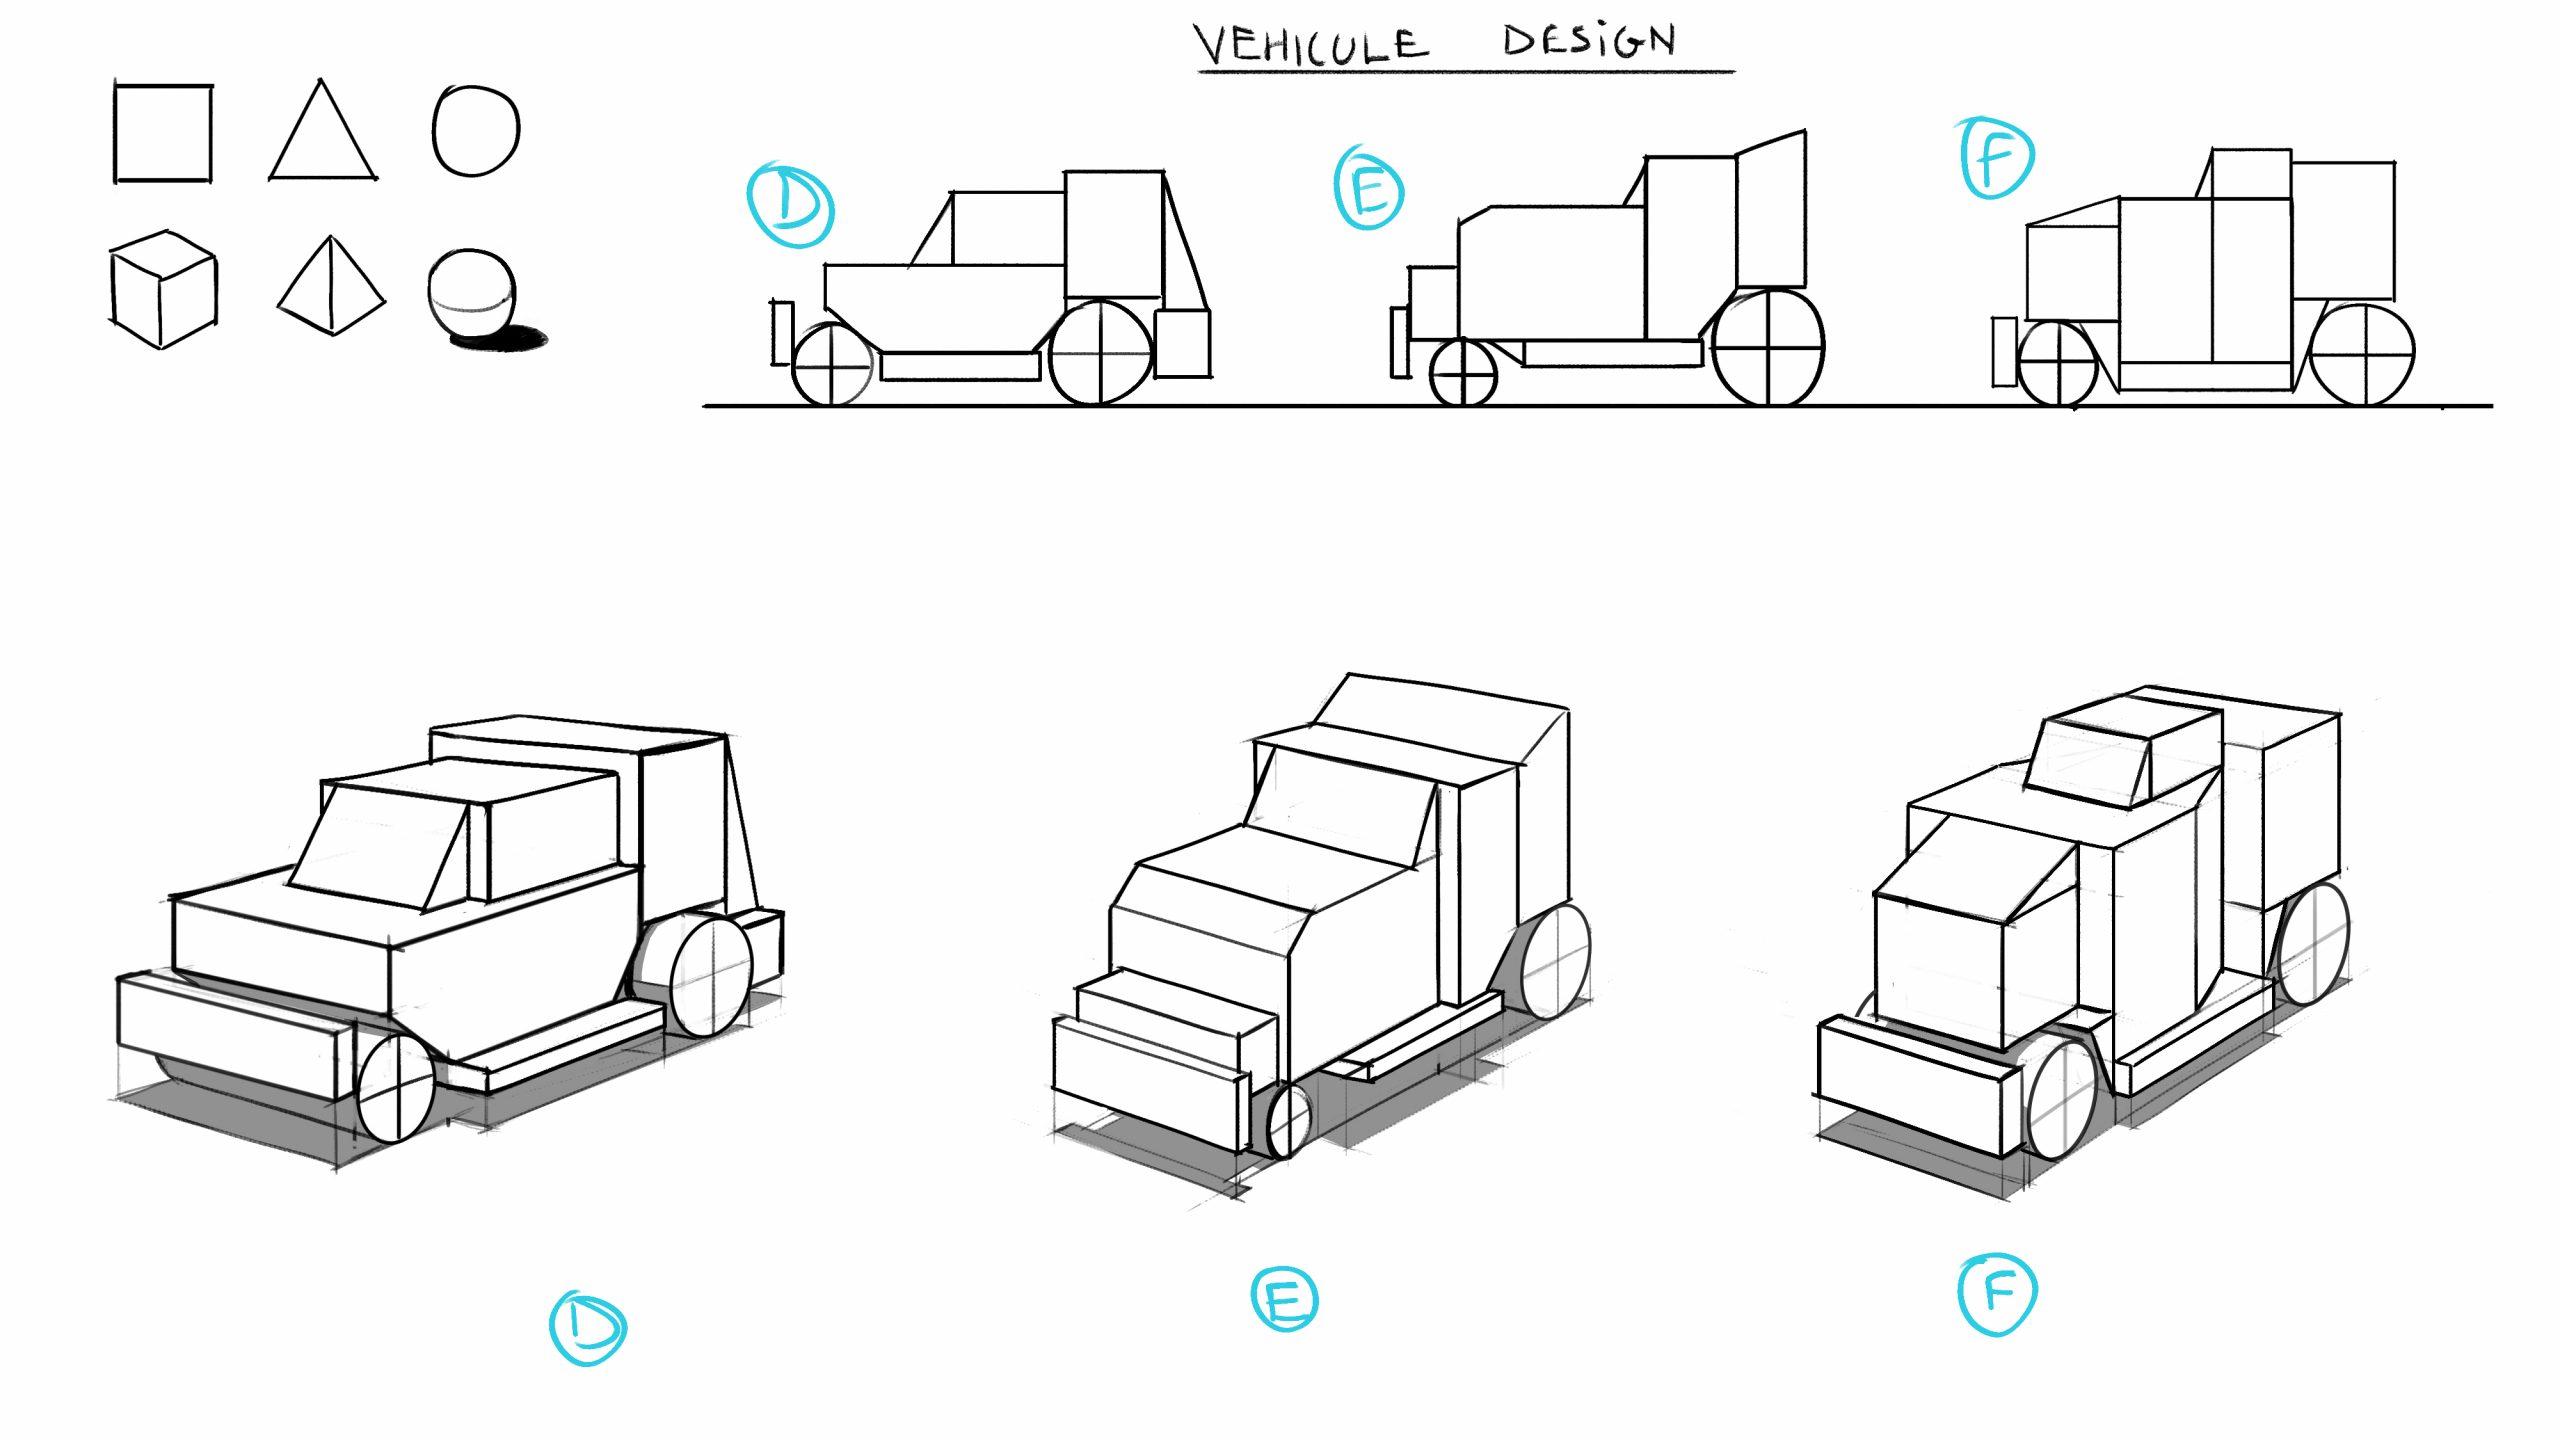 Introduction Au Design De Véhicule | Apprendre À Dessiner avec Apprendre A Dessiner Une Voiture